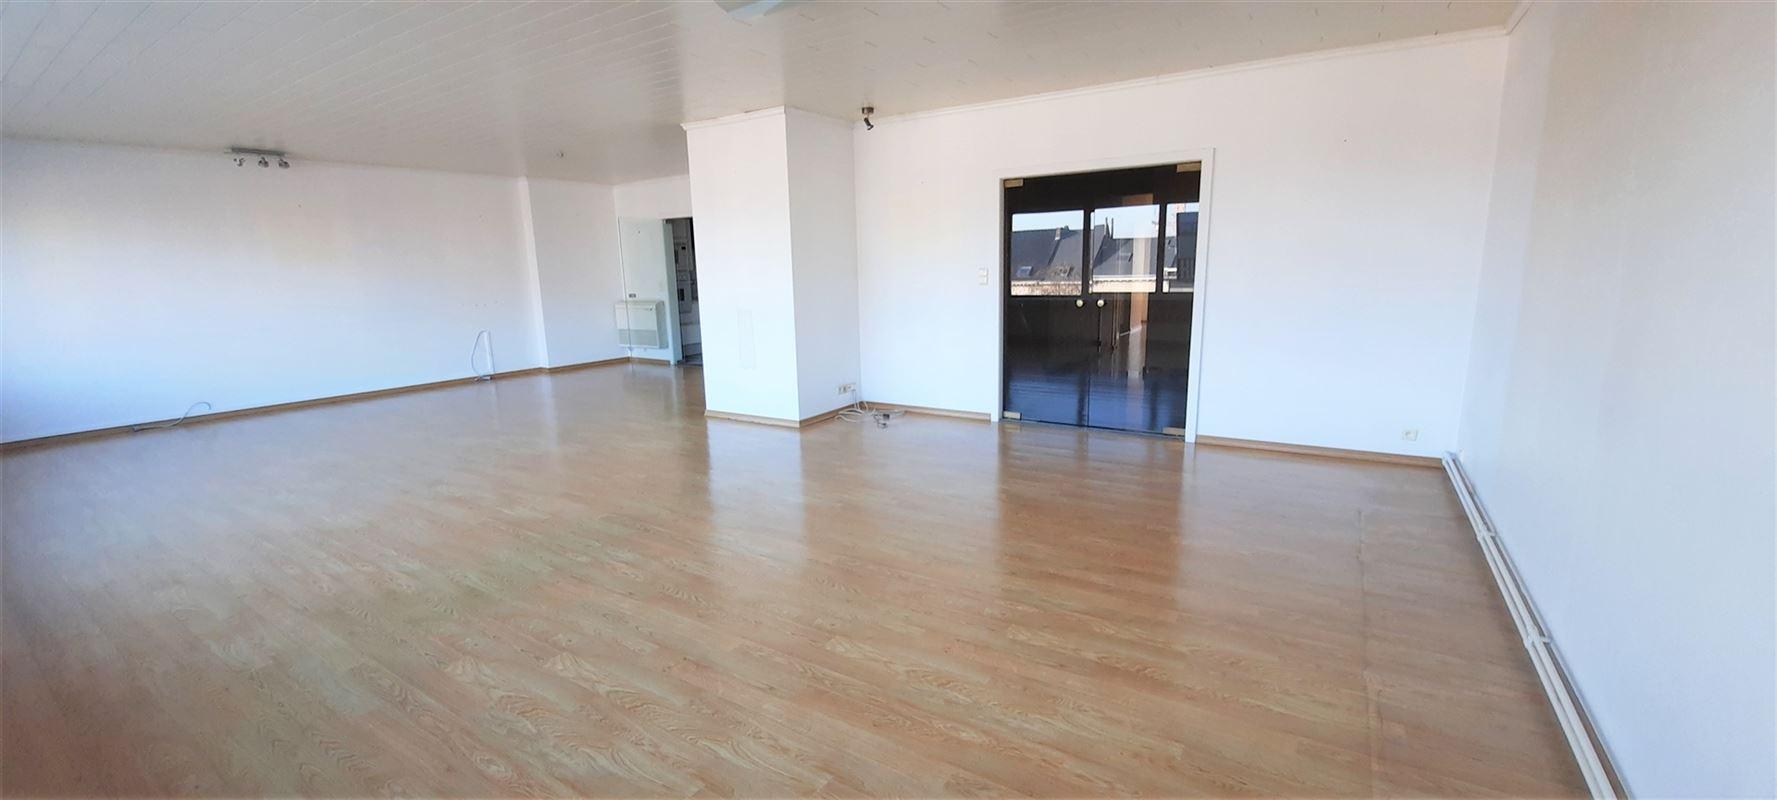 Foto 4 : Appartement te 2800 MECHELEN (België) - Prijs € 1.050